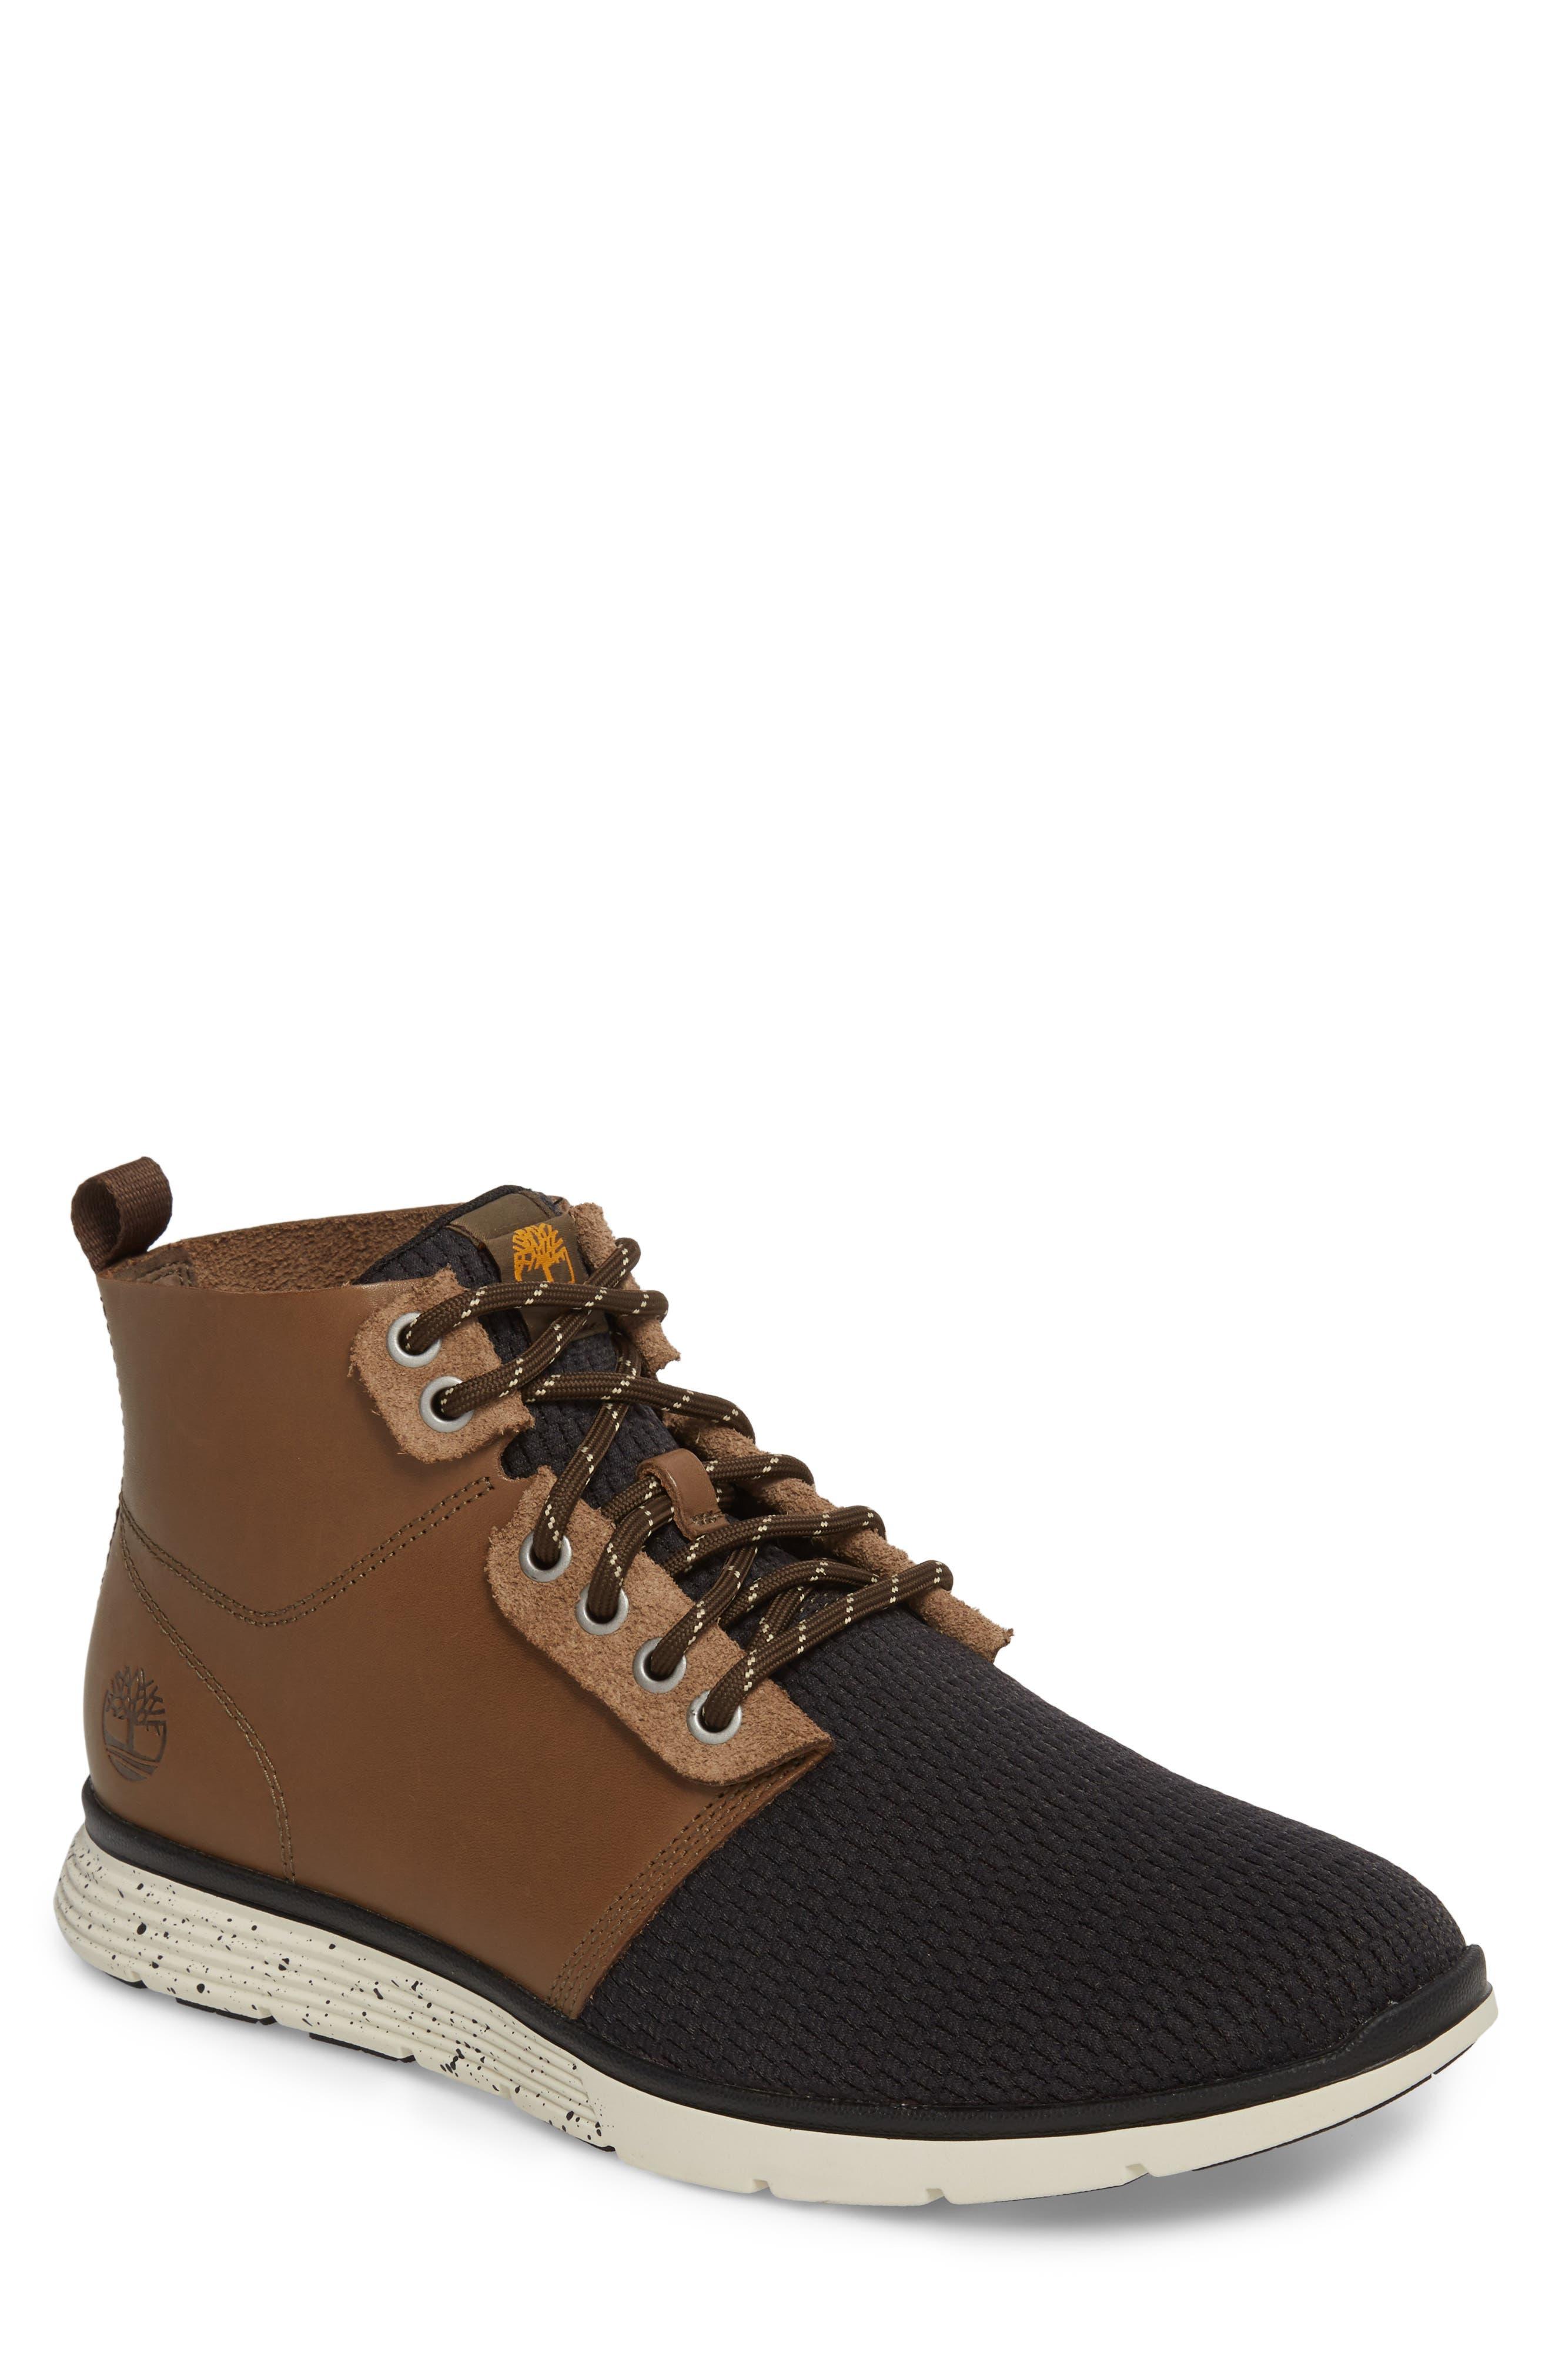 Killington Plain Toe Boot,                             Main thumbnail 1, color,                             Buckskin Leather